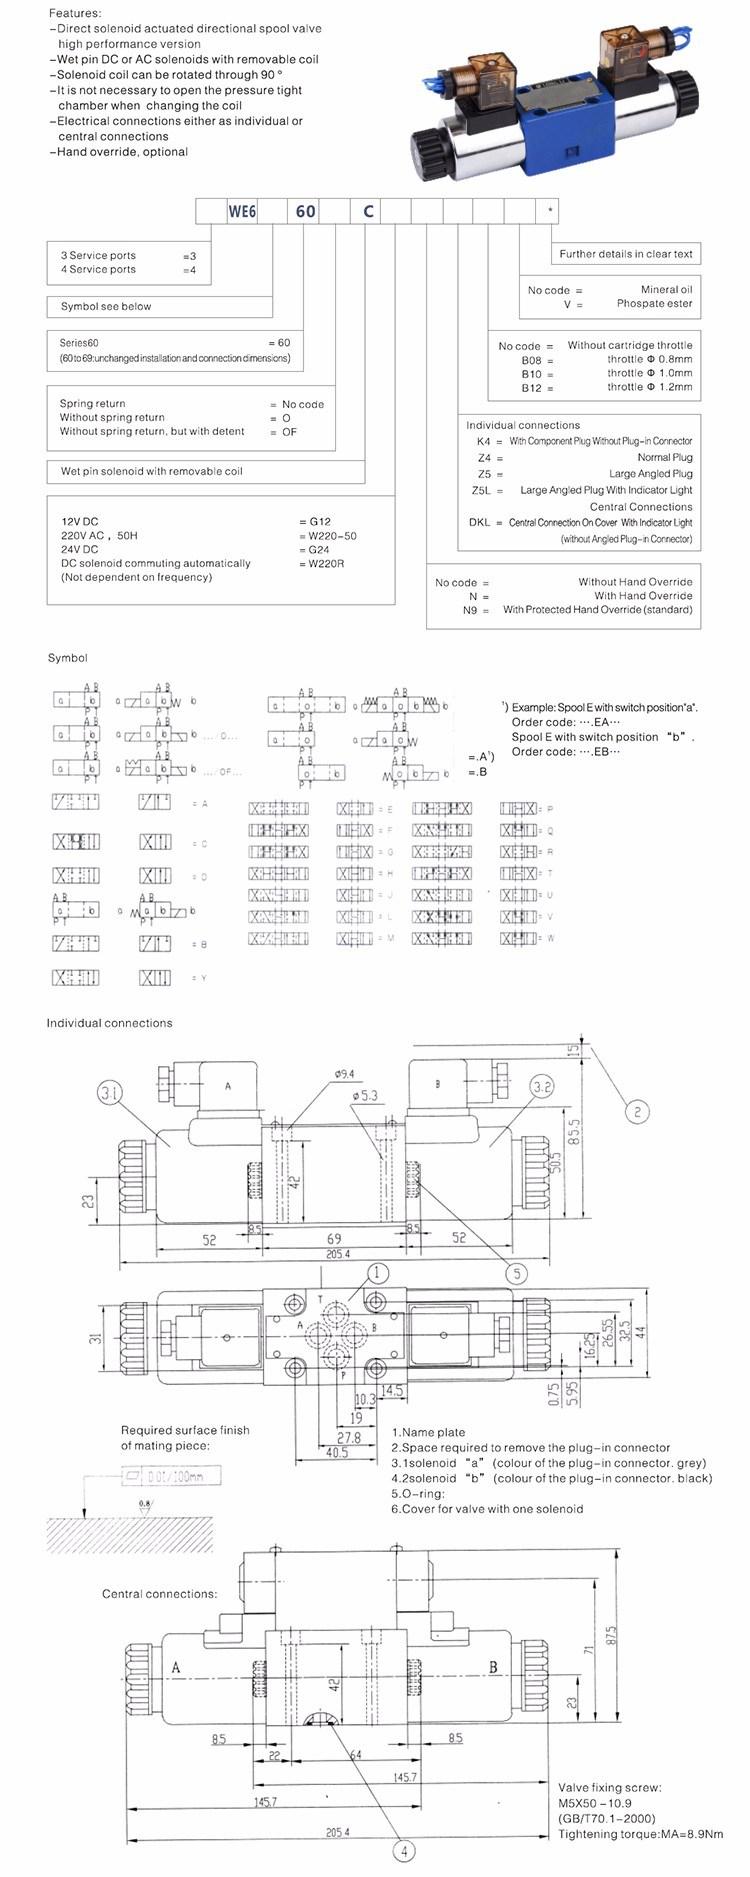 Rexroth Hydraulics Wiring Diagram on hydraulic schematic, hydraulic motor installation diagram, hydraulic engine, hydraulic component identification, hydraulic clutch diagram, lowrider hydraulics diagram, hydraulic shocks diagram, hydraulic system diagram, hydraulic steering diagram, hydraulic plumbing diagram, hydraulic troubleshooting guide, hydraulic pumps diagram, hydraulic pipes diagram, hydraulic flow diagram, hydraulic compressor, hydraulic piping diagram, hydraulic block diagram, hydraulic filter diagram, hydraulic solenoid diagram, hydraulic pump wiring,